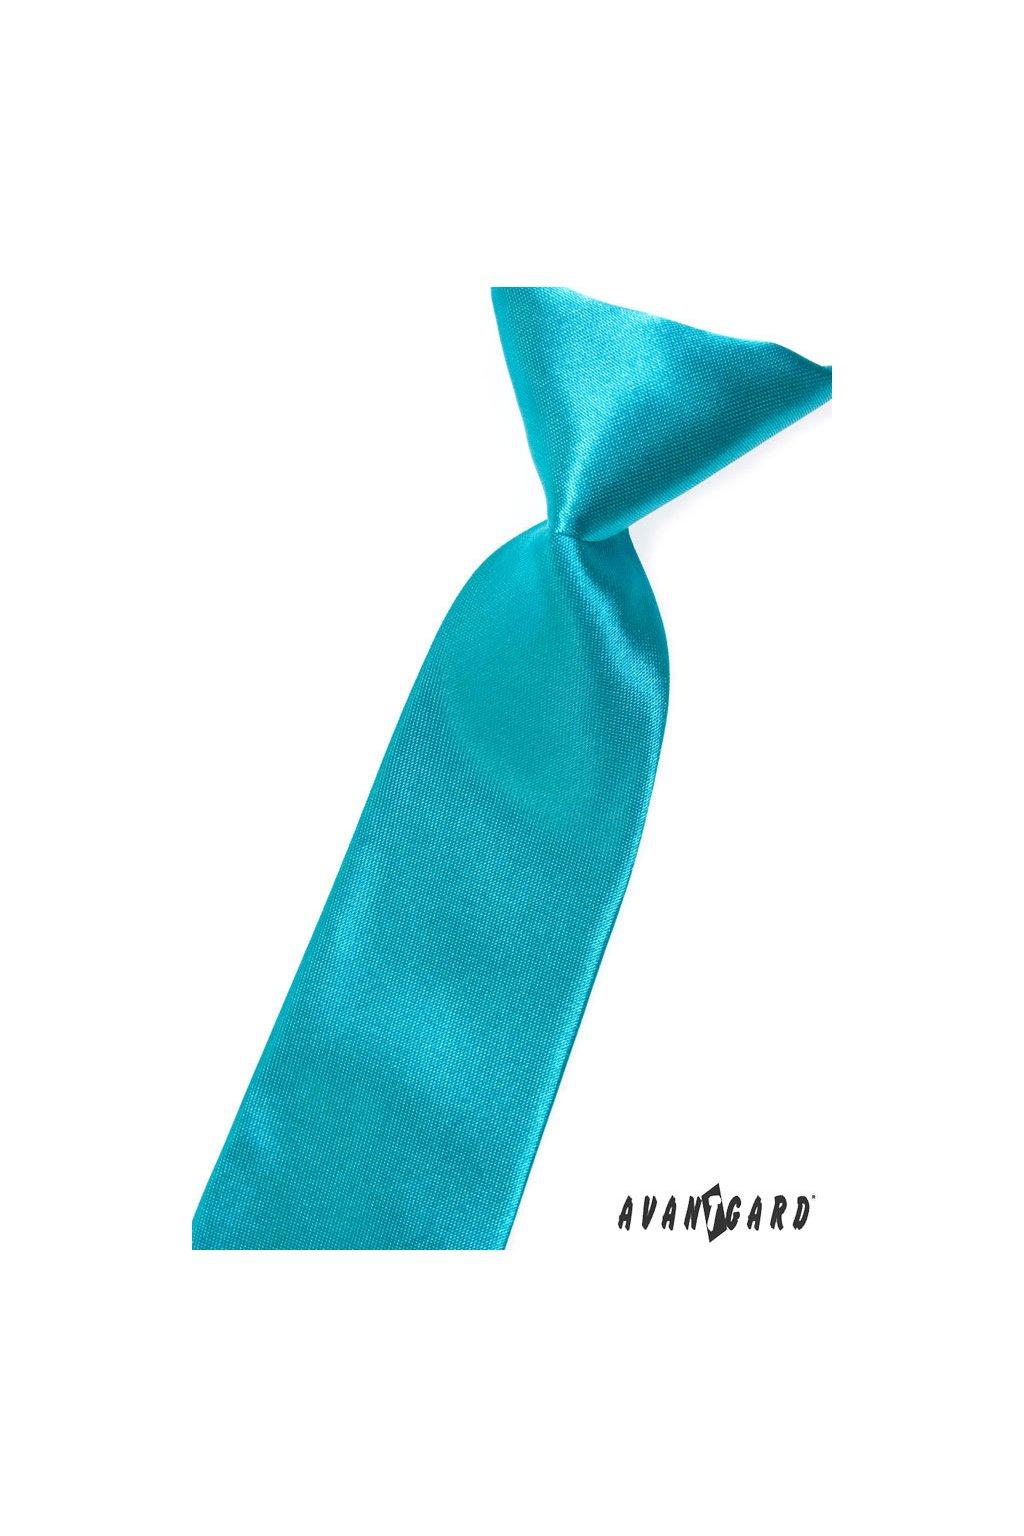 Chlapecká kravata tyrkysová 558 - 741